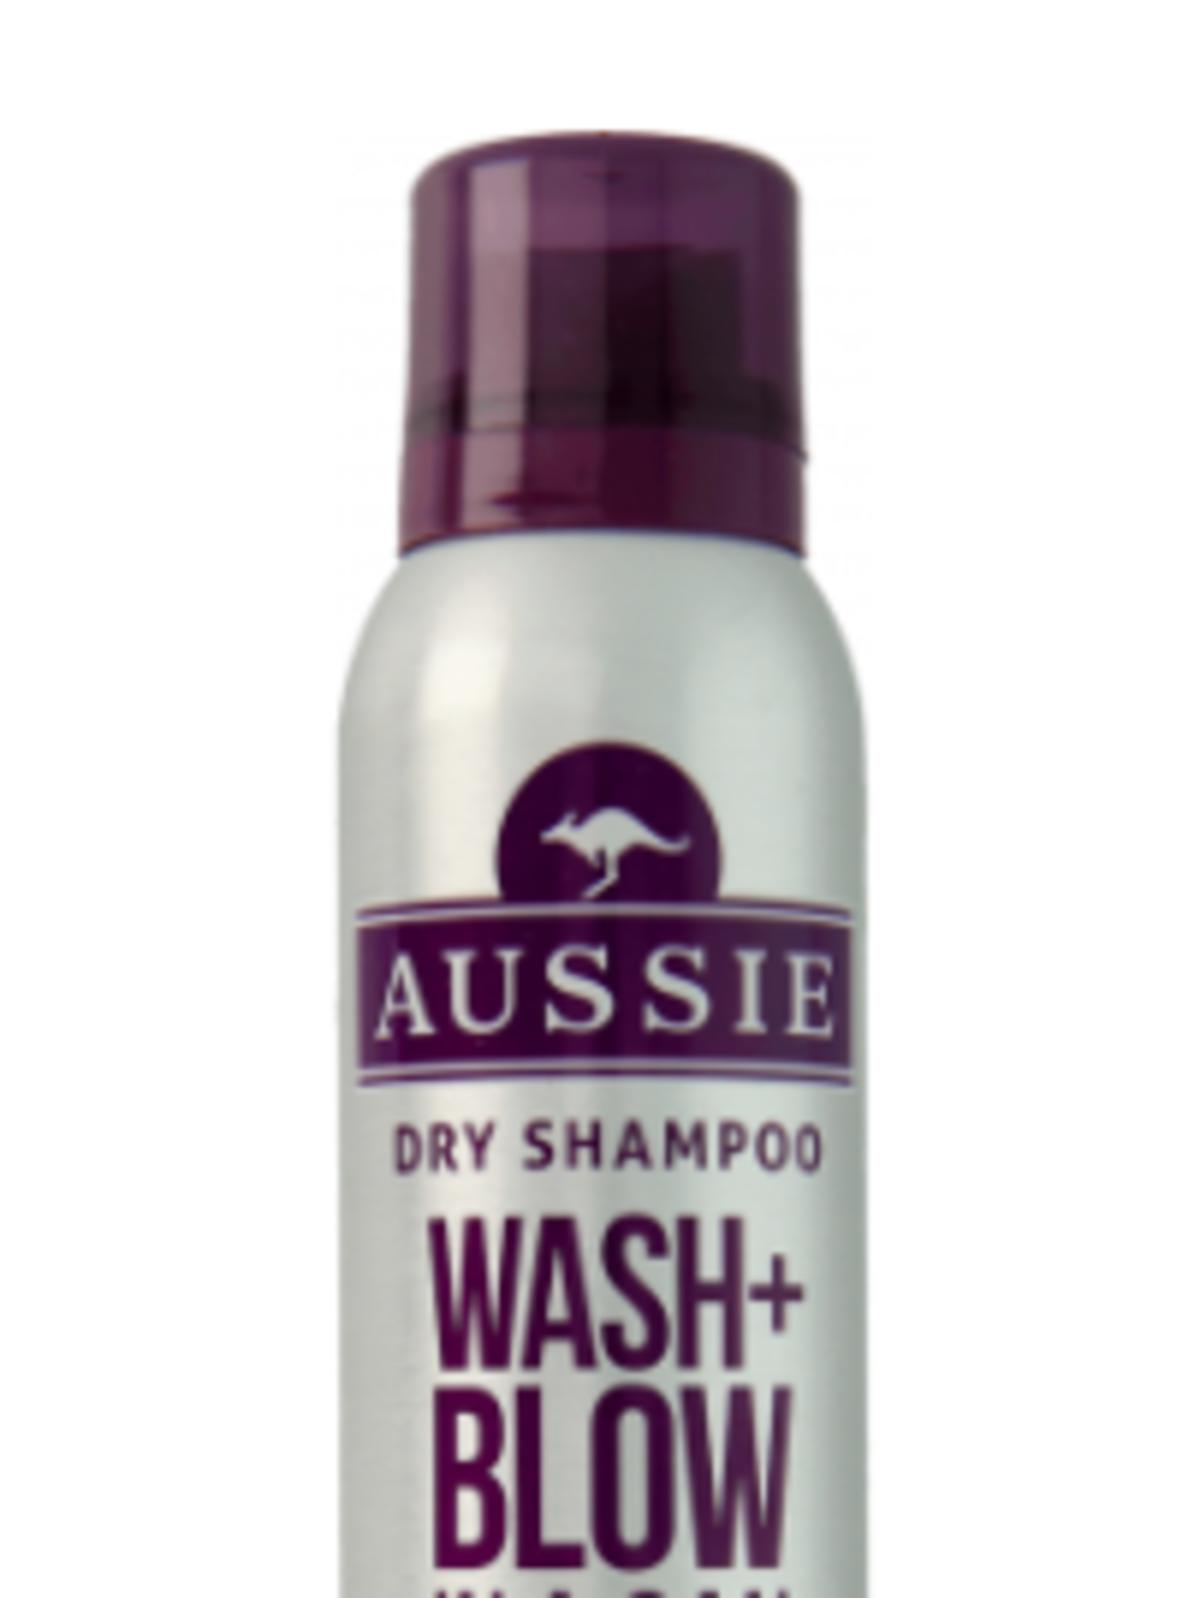 Aussie, Wash + Blow in a Can, Peach Fusion, Dry Shampoo